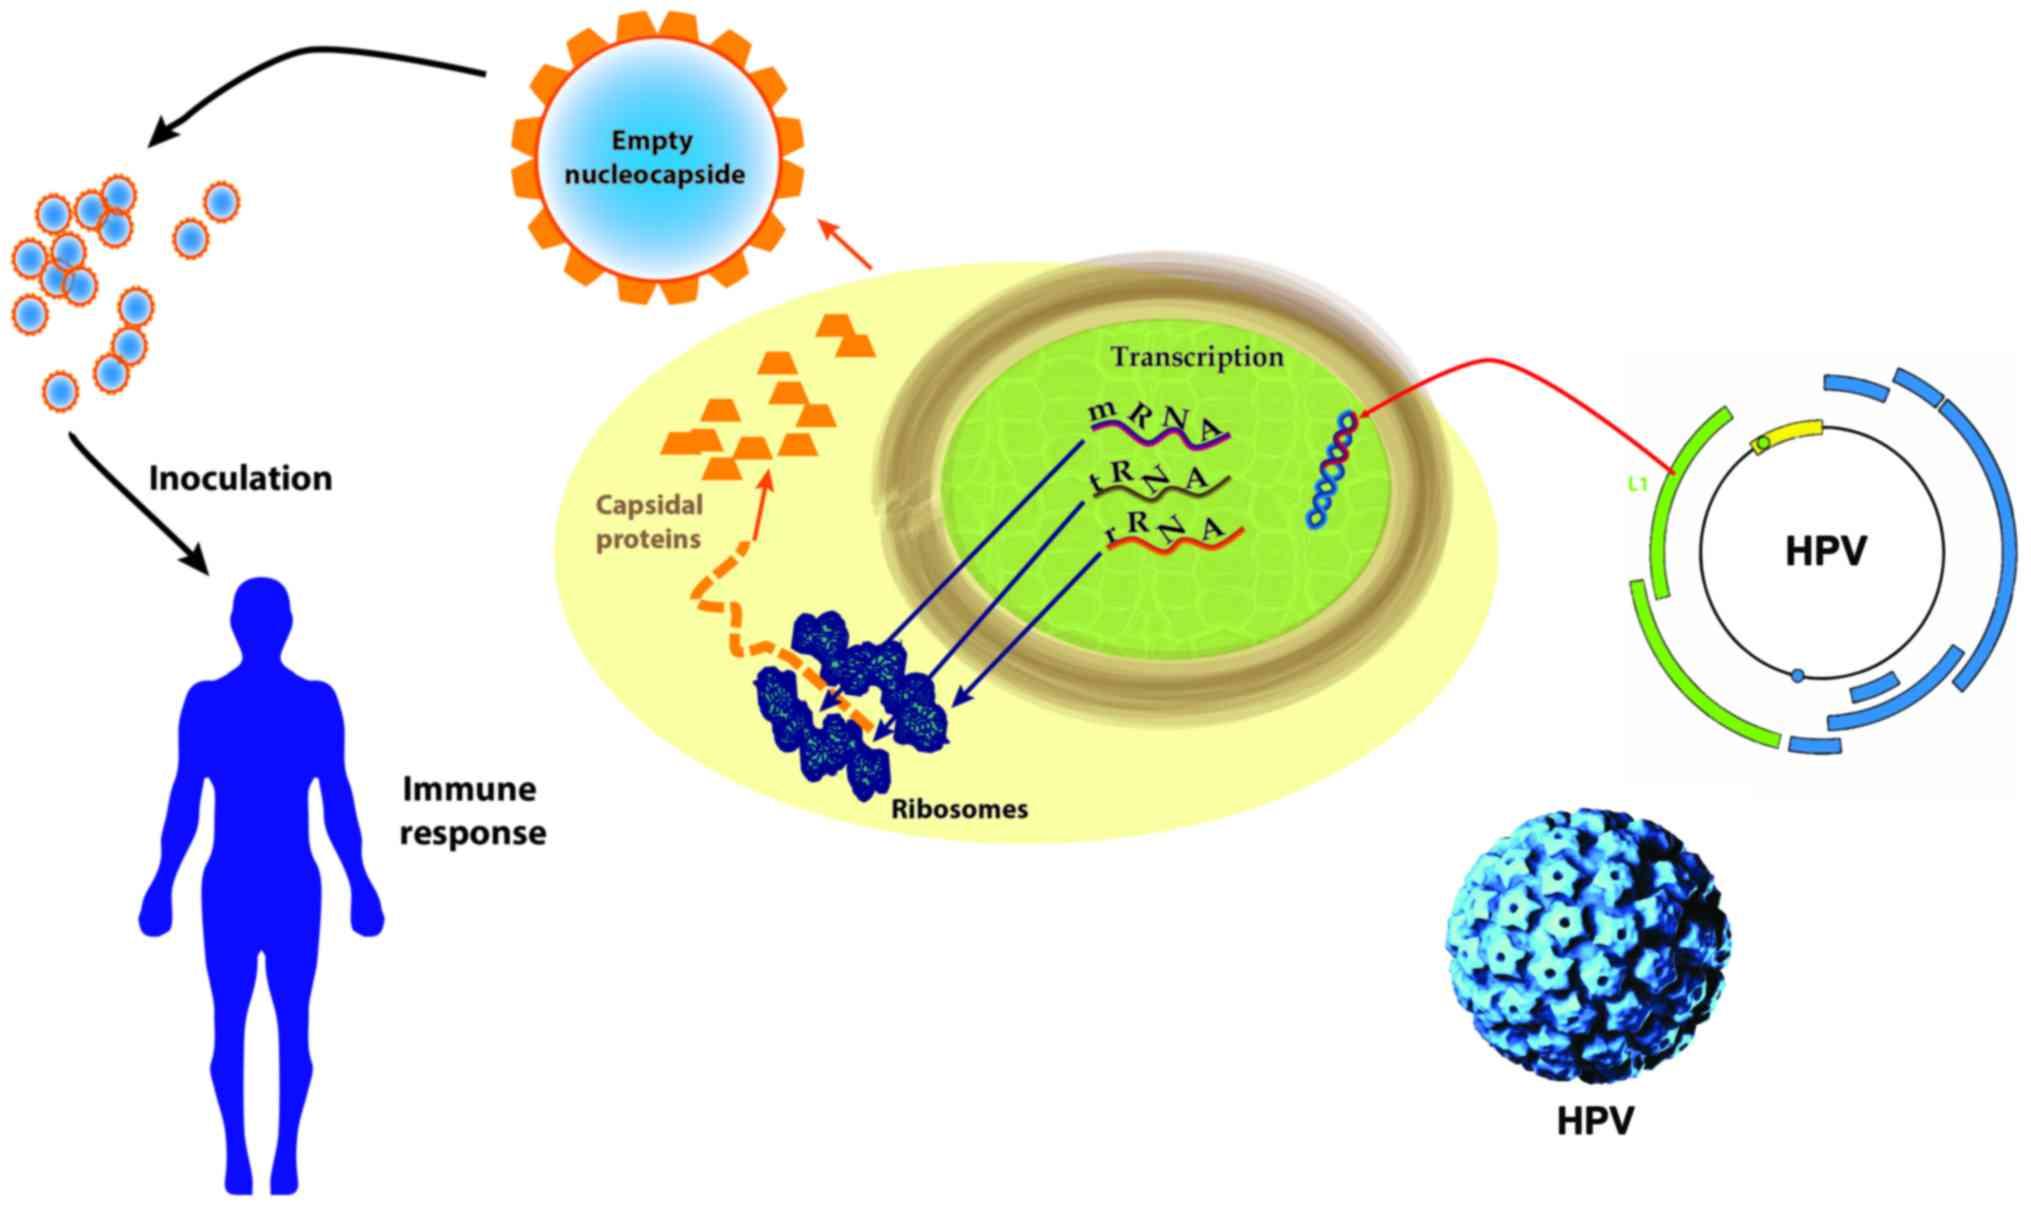 human papillomavirus rna or dna)